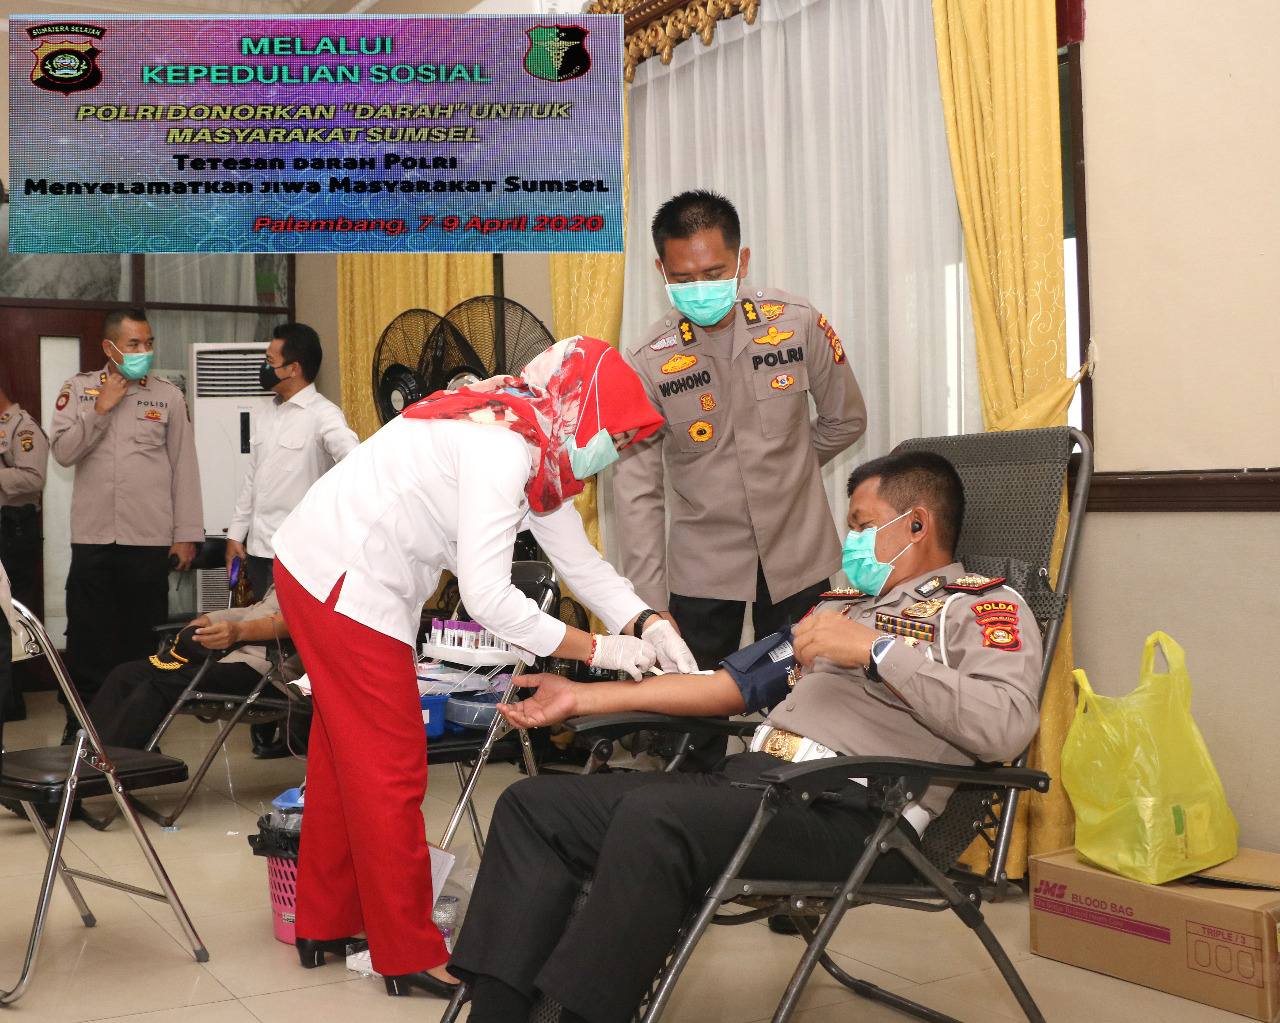 Peduli Kemanusiaan, Polda Sumsel Gelar Donor Darah